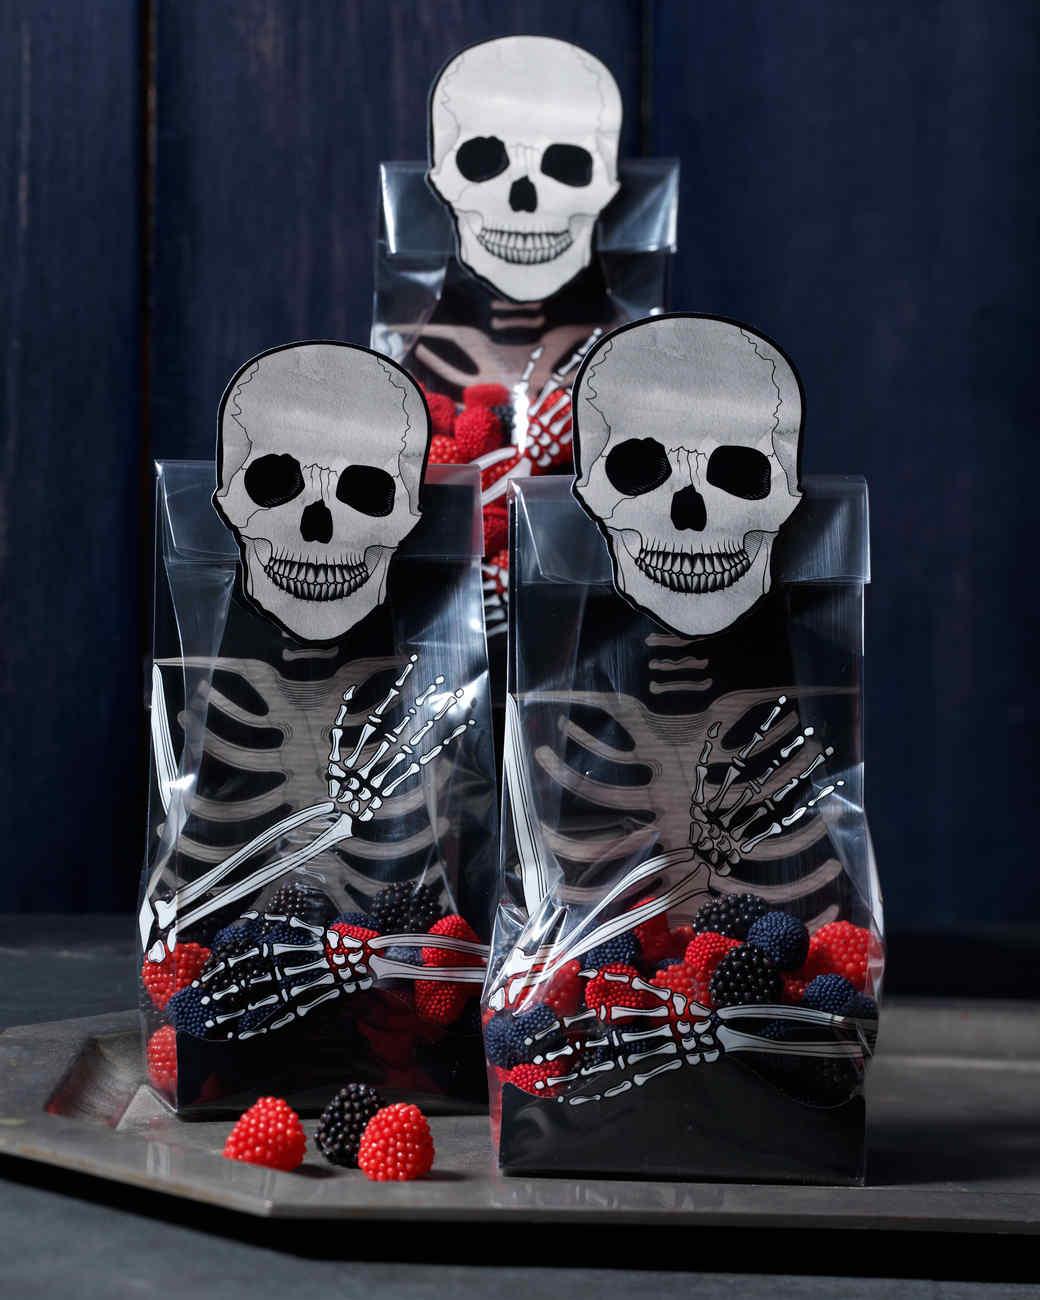 mscrafts-hlwn-skeleton-treatbags.jpg